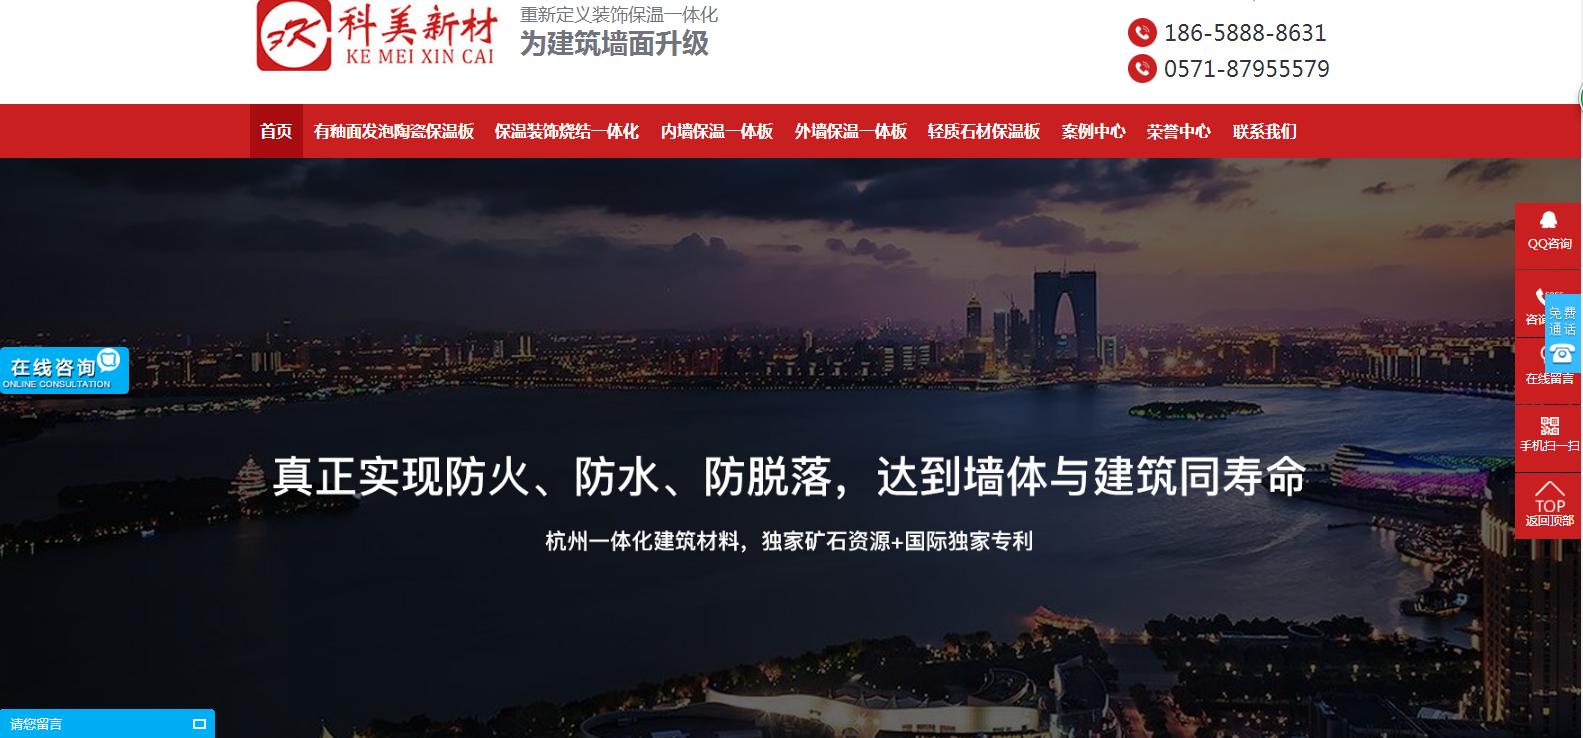 科美一体化保温板营销型网站案例,追马网